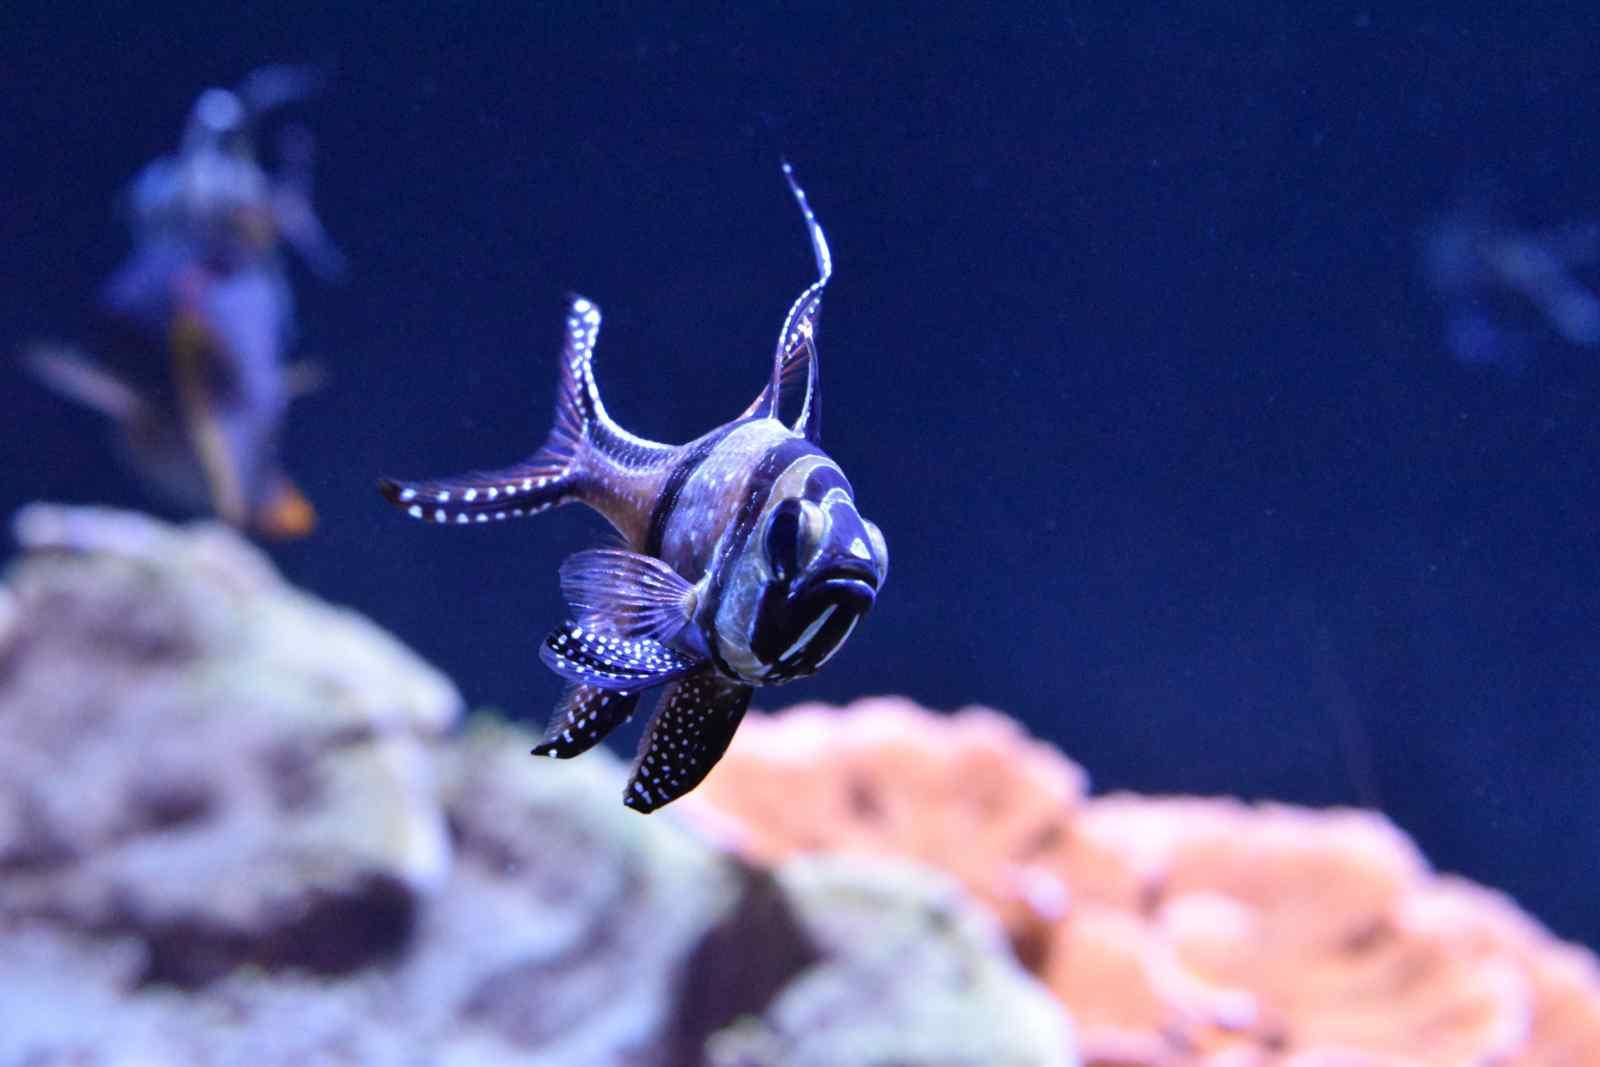 Heb je een oppas nodig voor je vissen